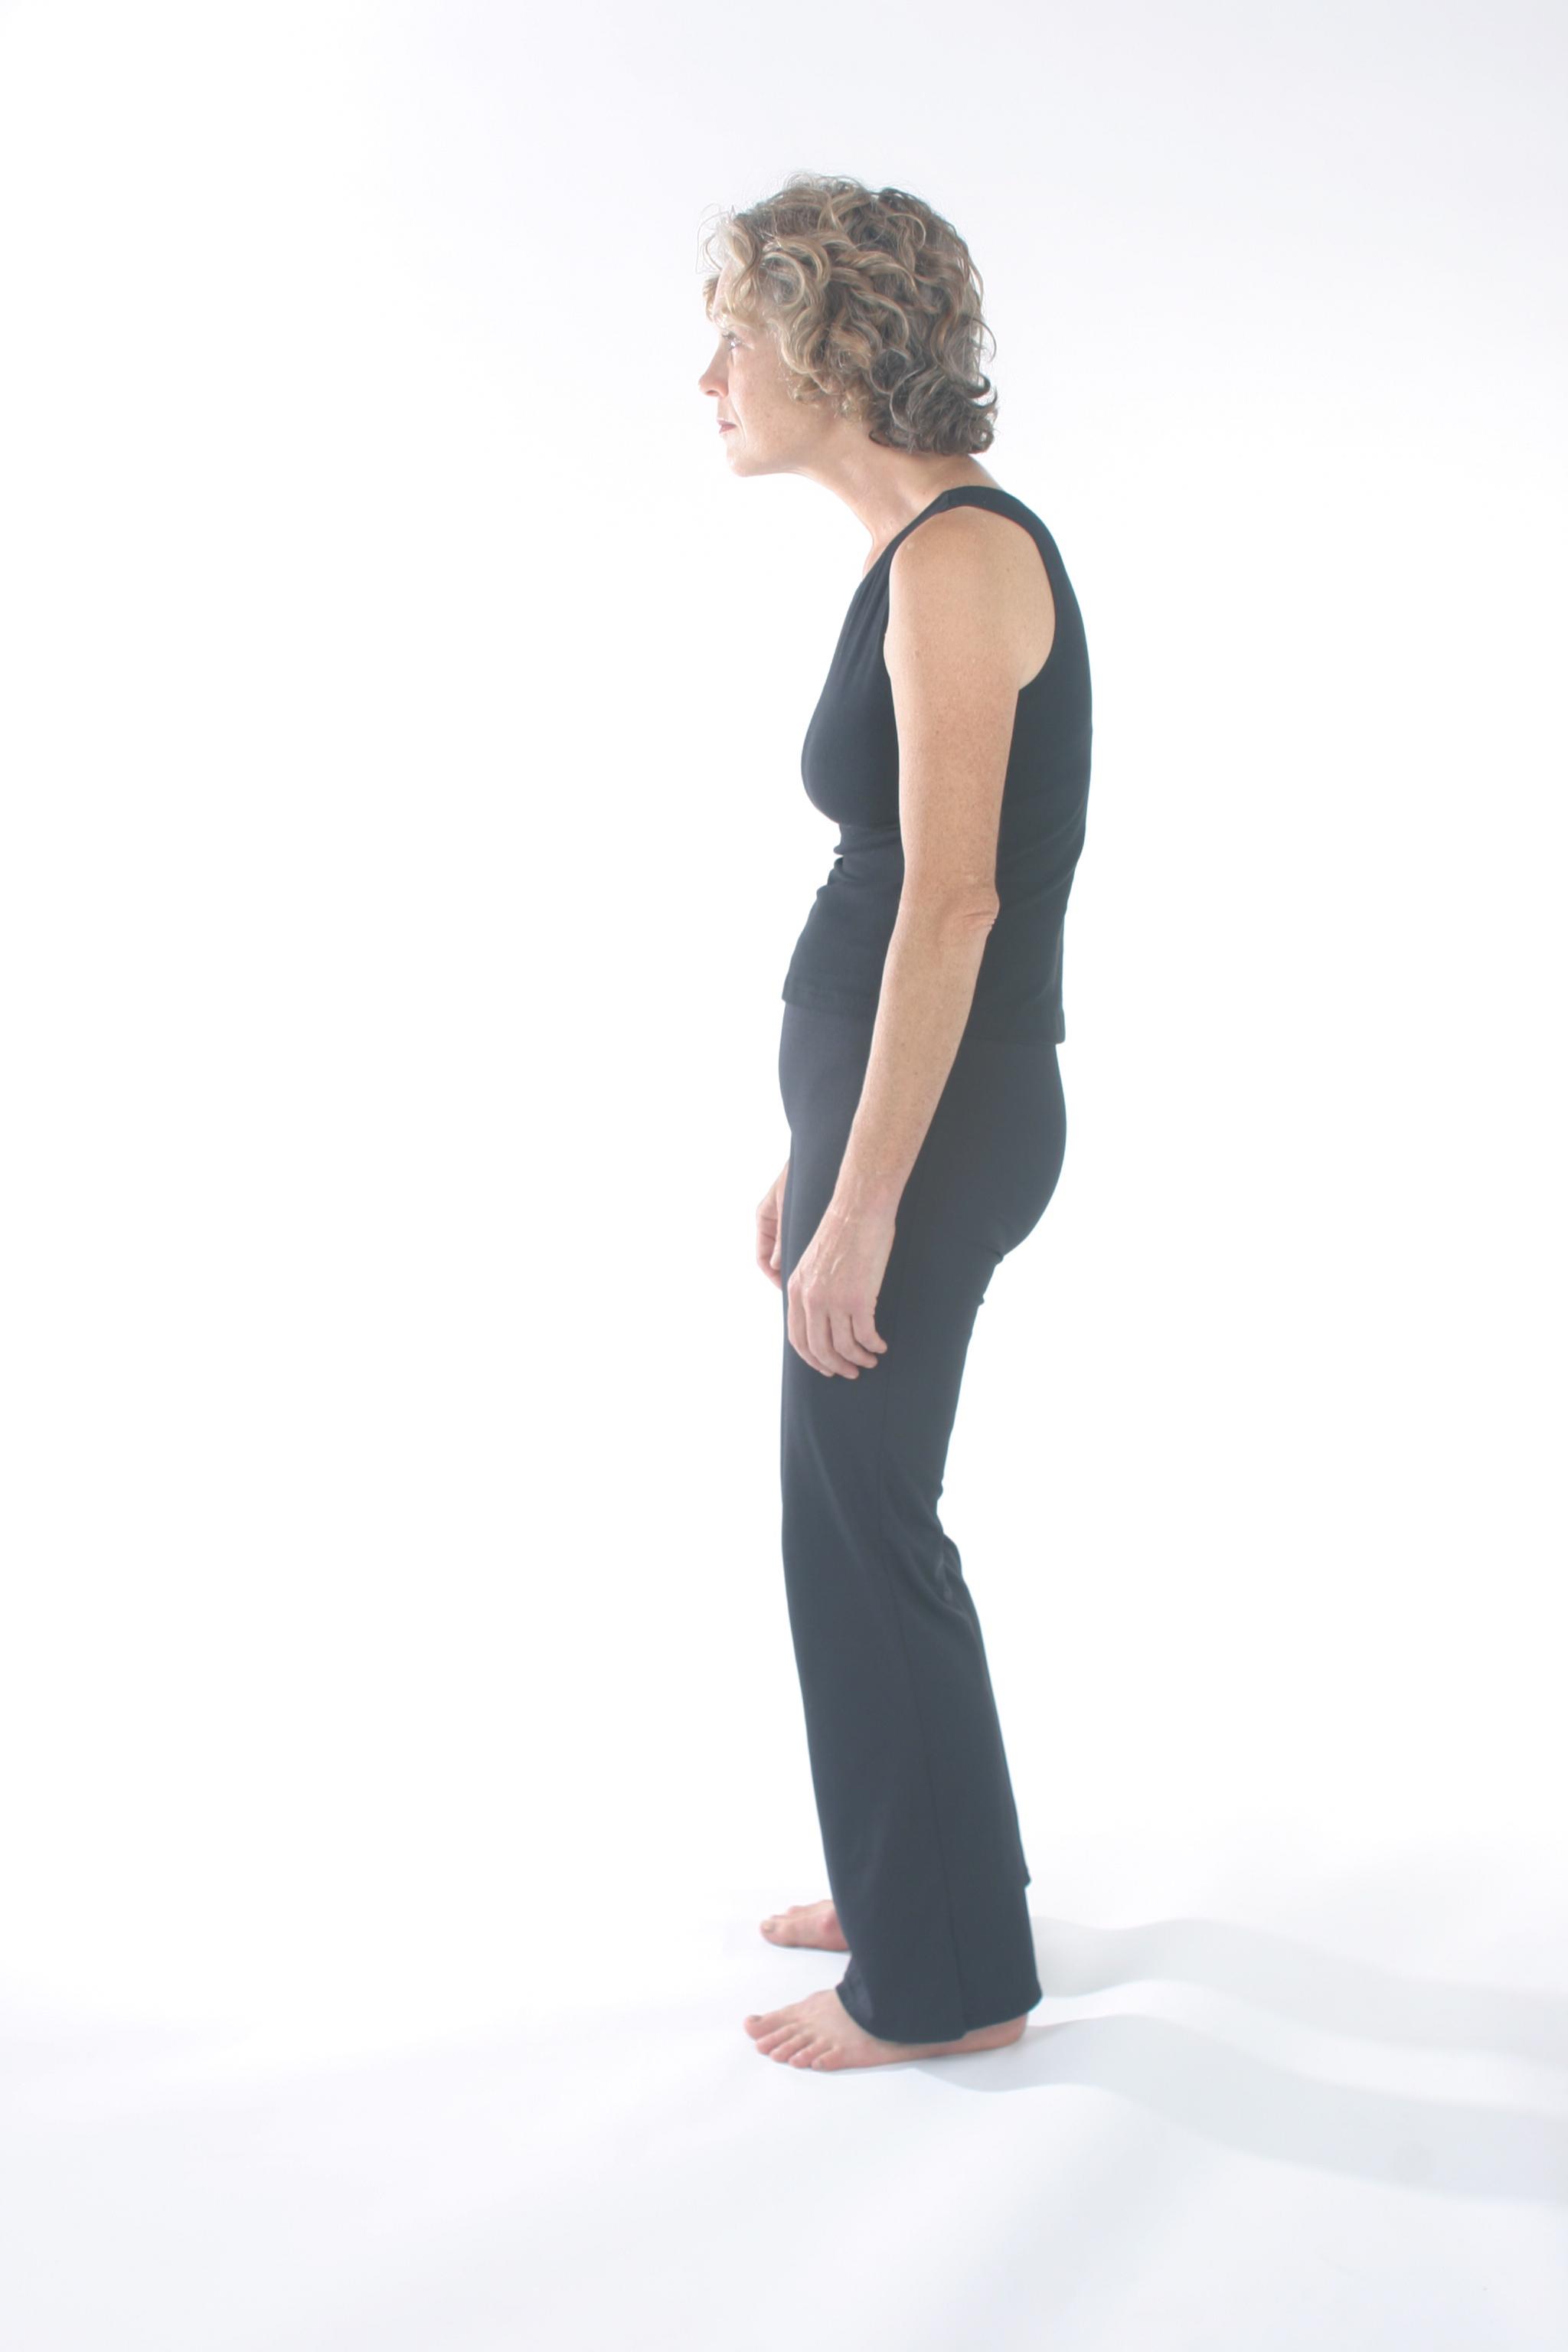 posture.